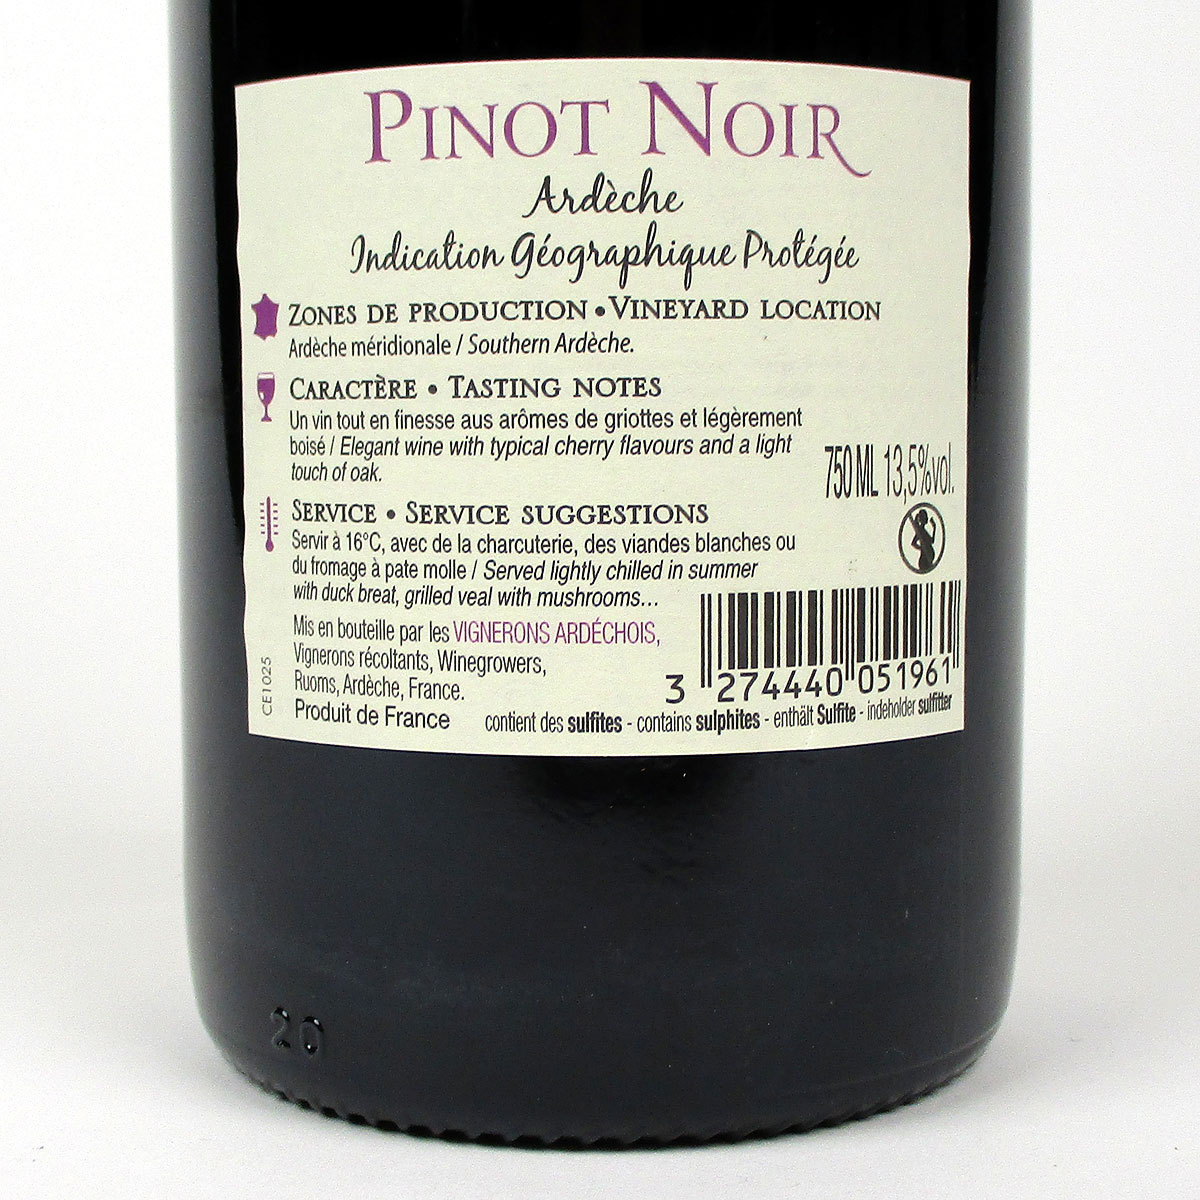 IGP Ardèche: Vignerons Ardéchois Pinot Noir 2019 - Bottle Rear Label